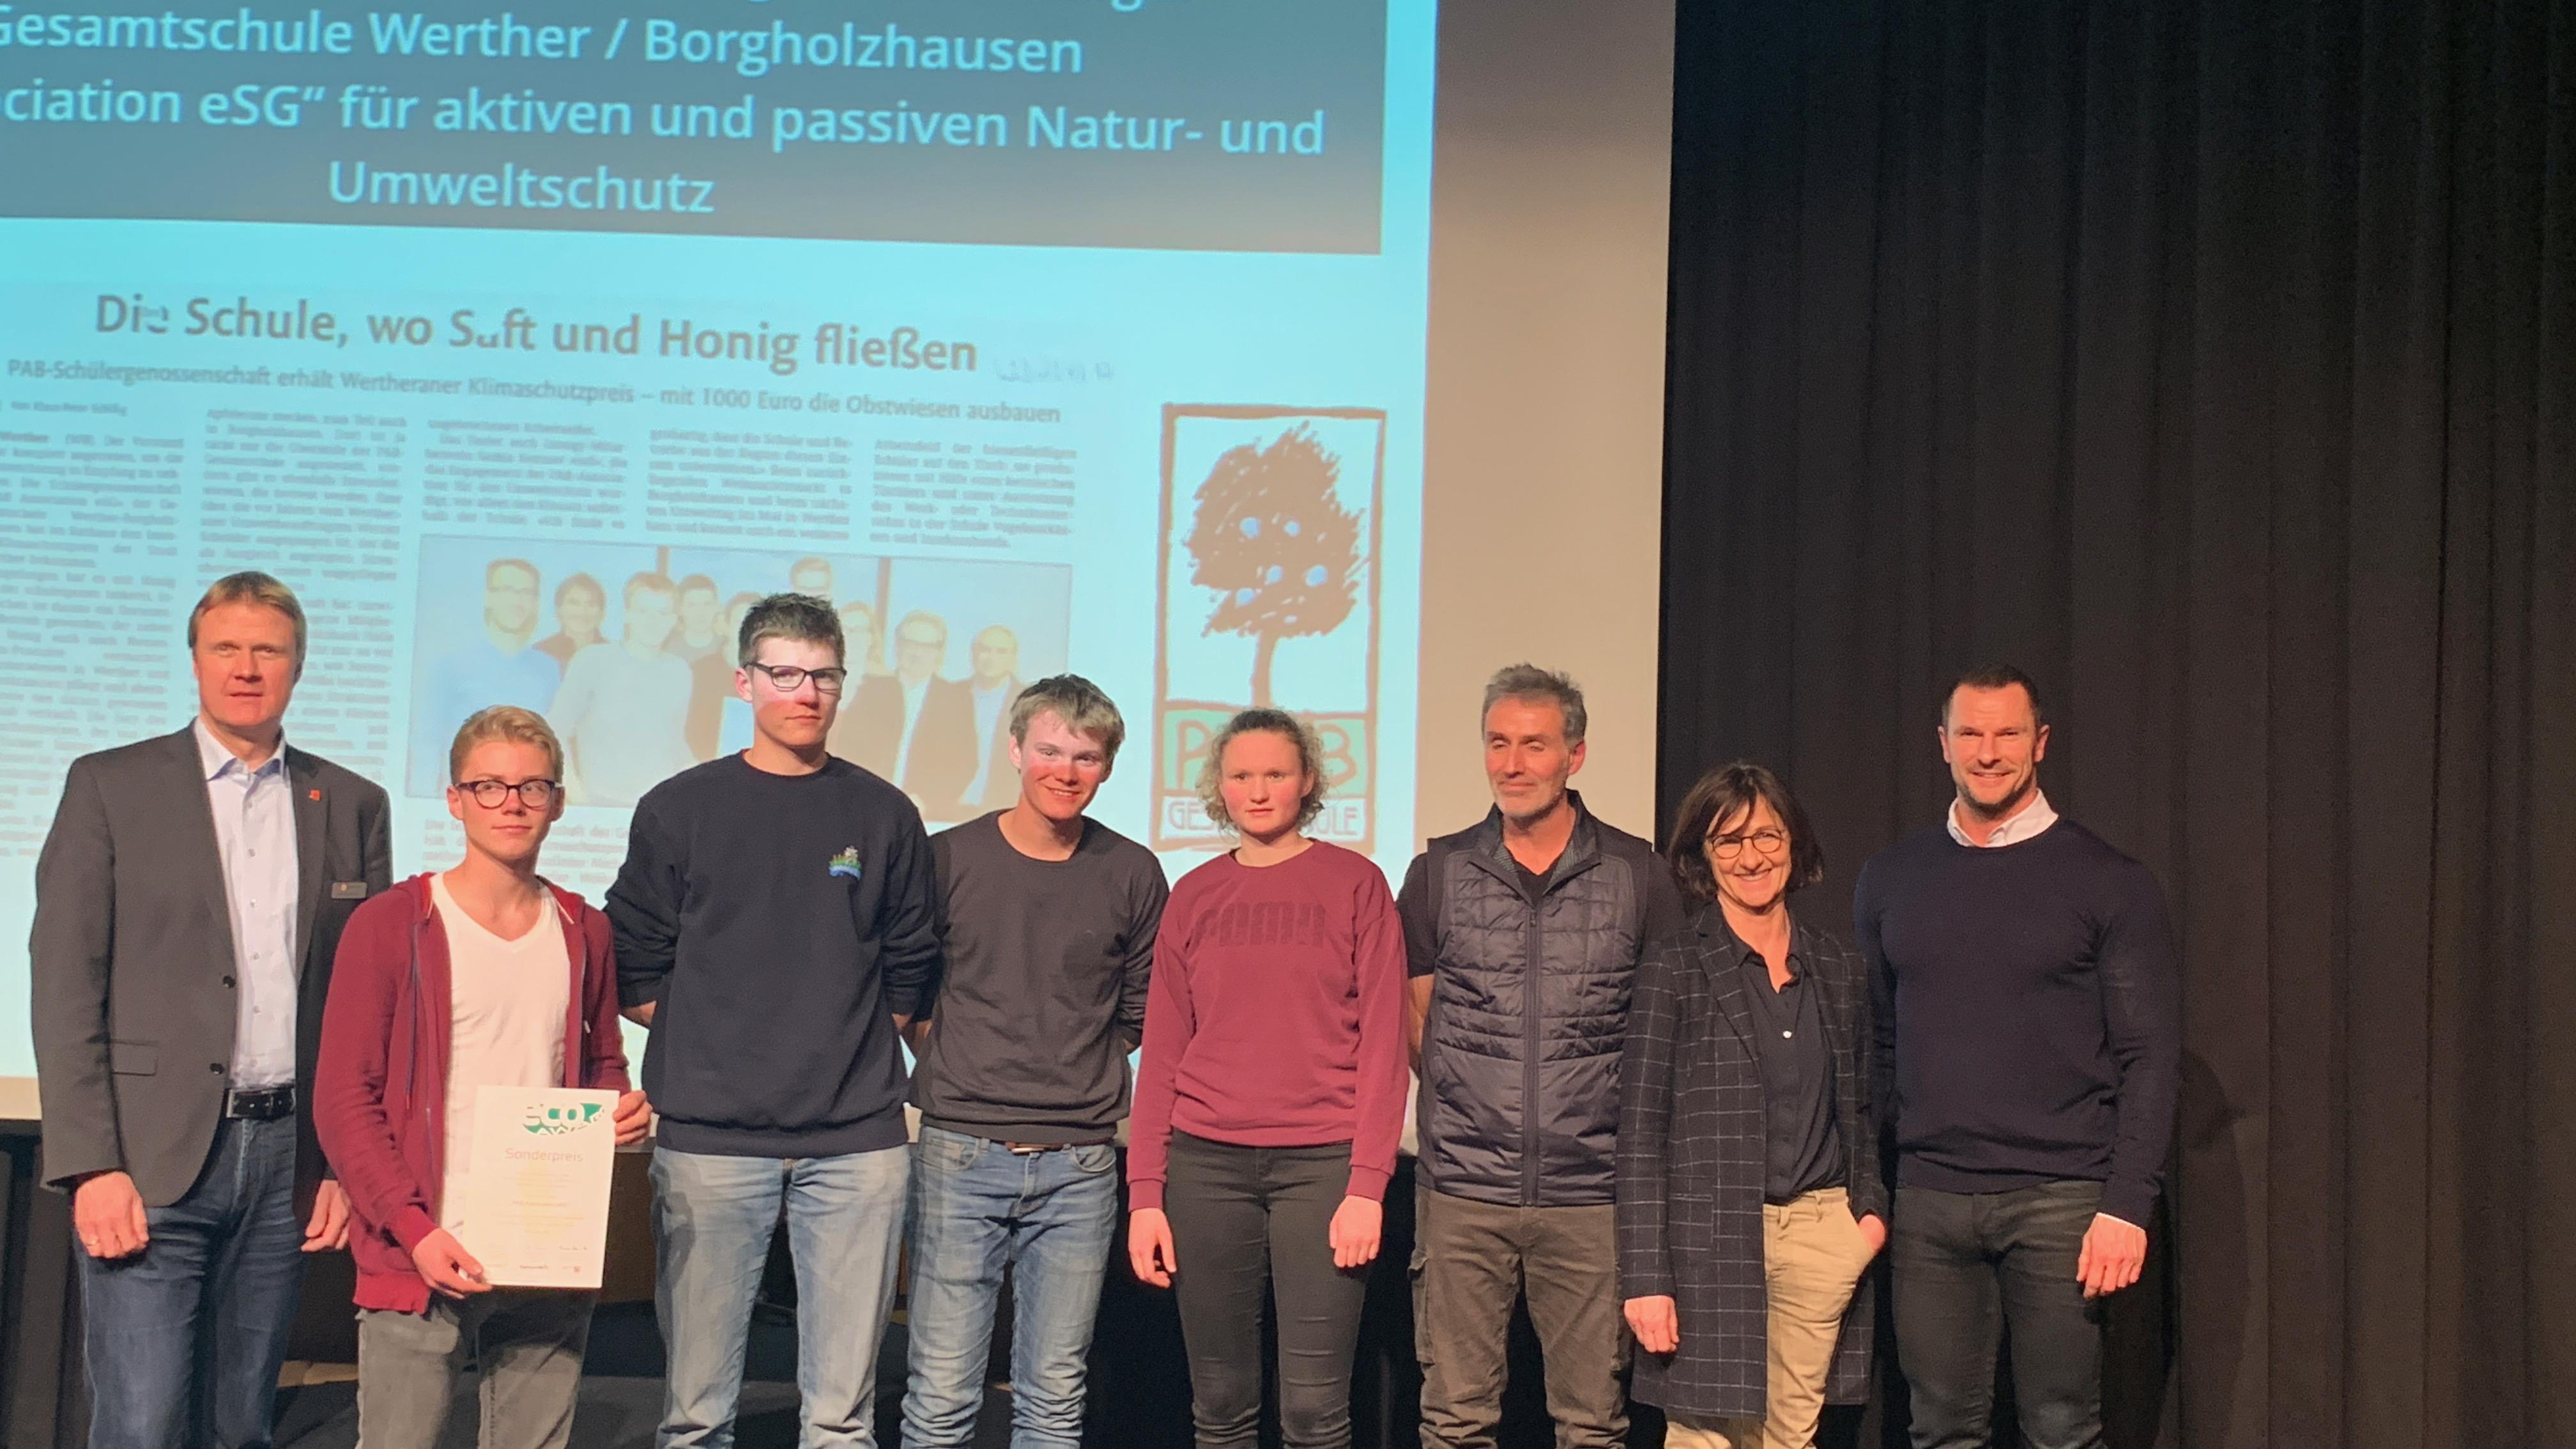 PAB Gesamtschule Werther mit dem Projekt Association eSG